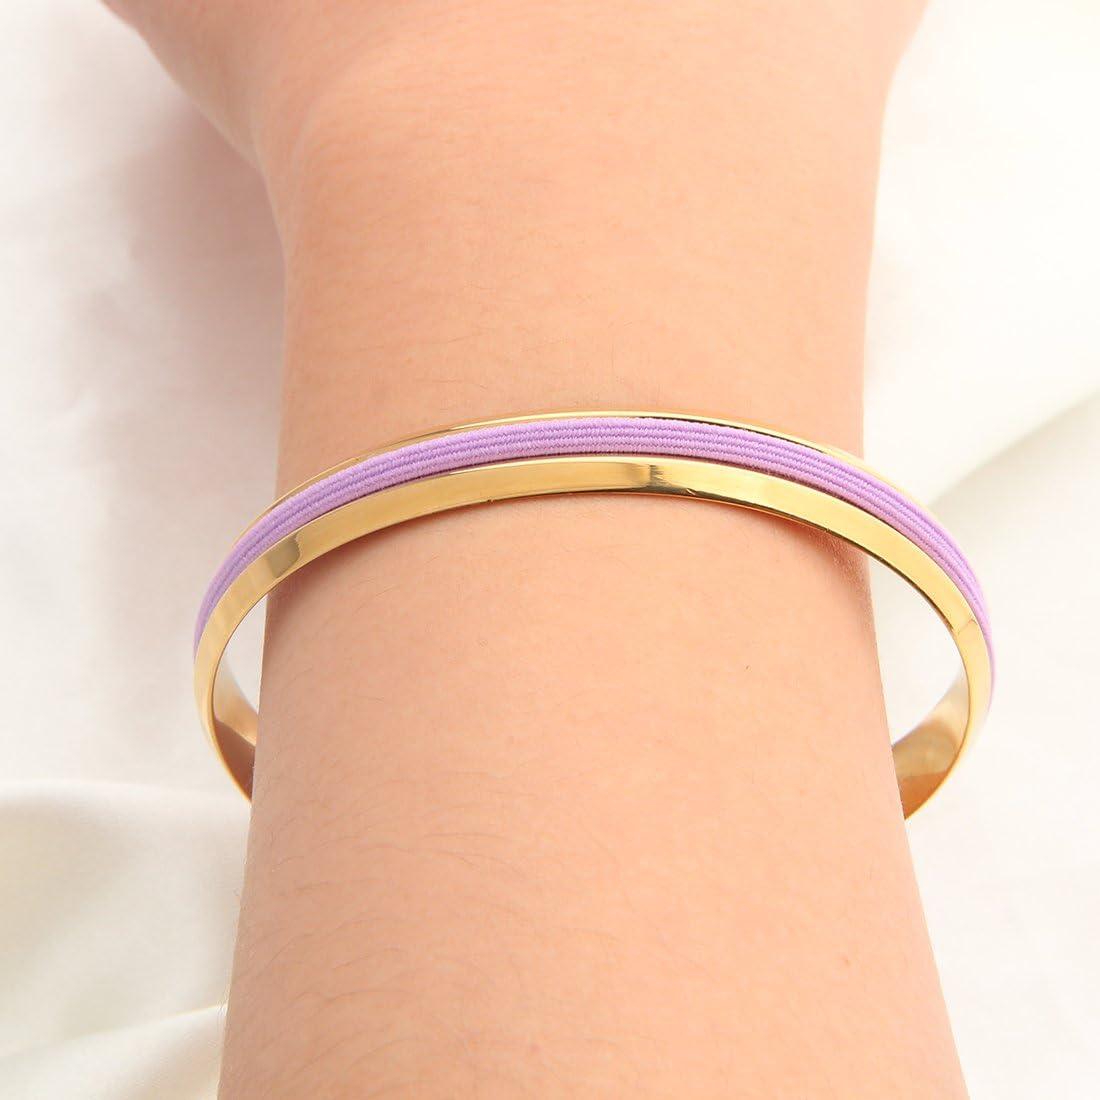 WUSUANED Stainless Steel V Grooved Cuff Bracelet Bangle for Women Girls